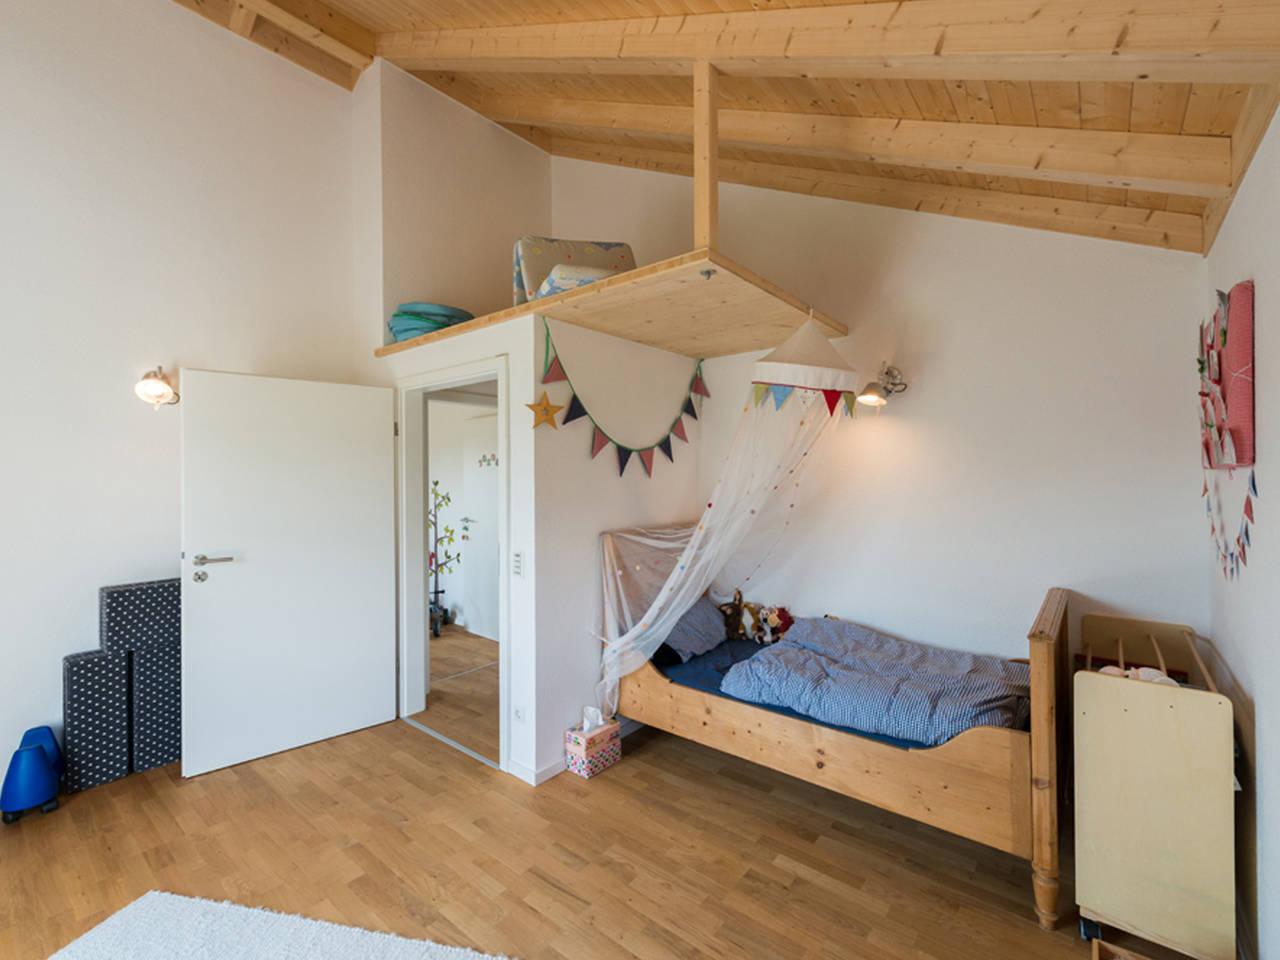 Haus Design 170 Ansicht Kinderzimmer von frammelsberger Holzhaus